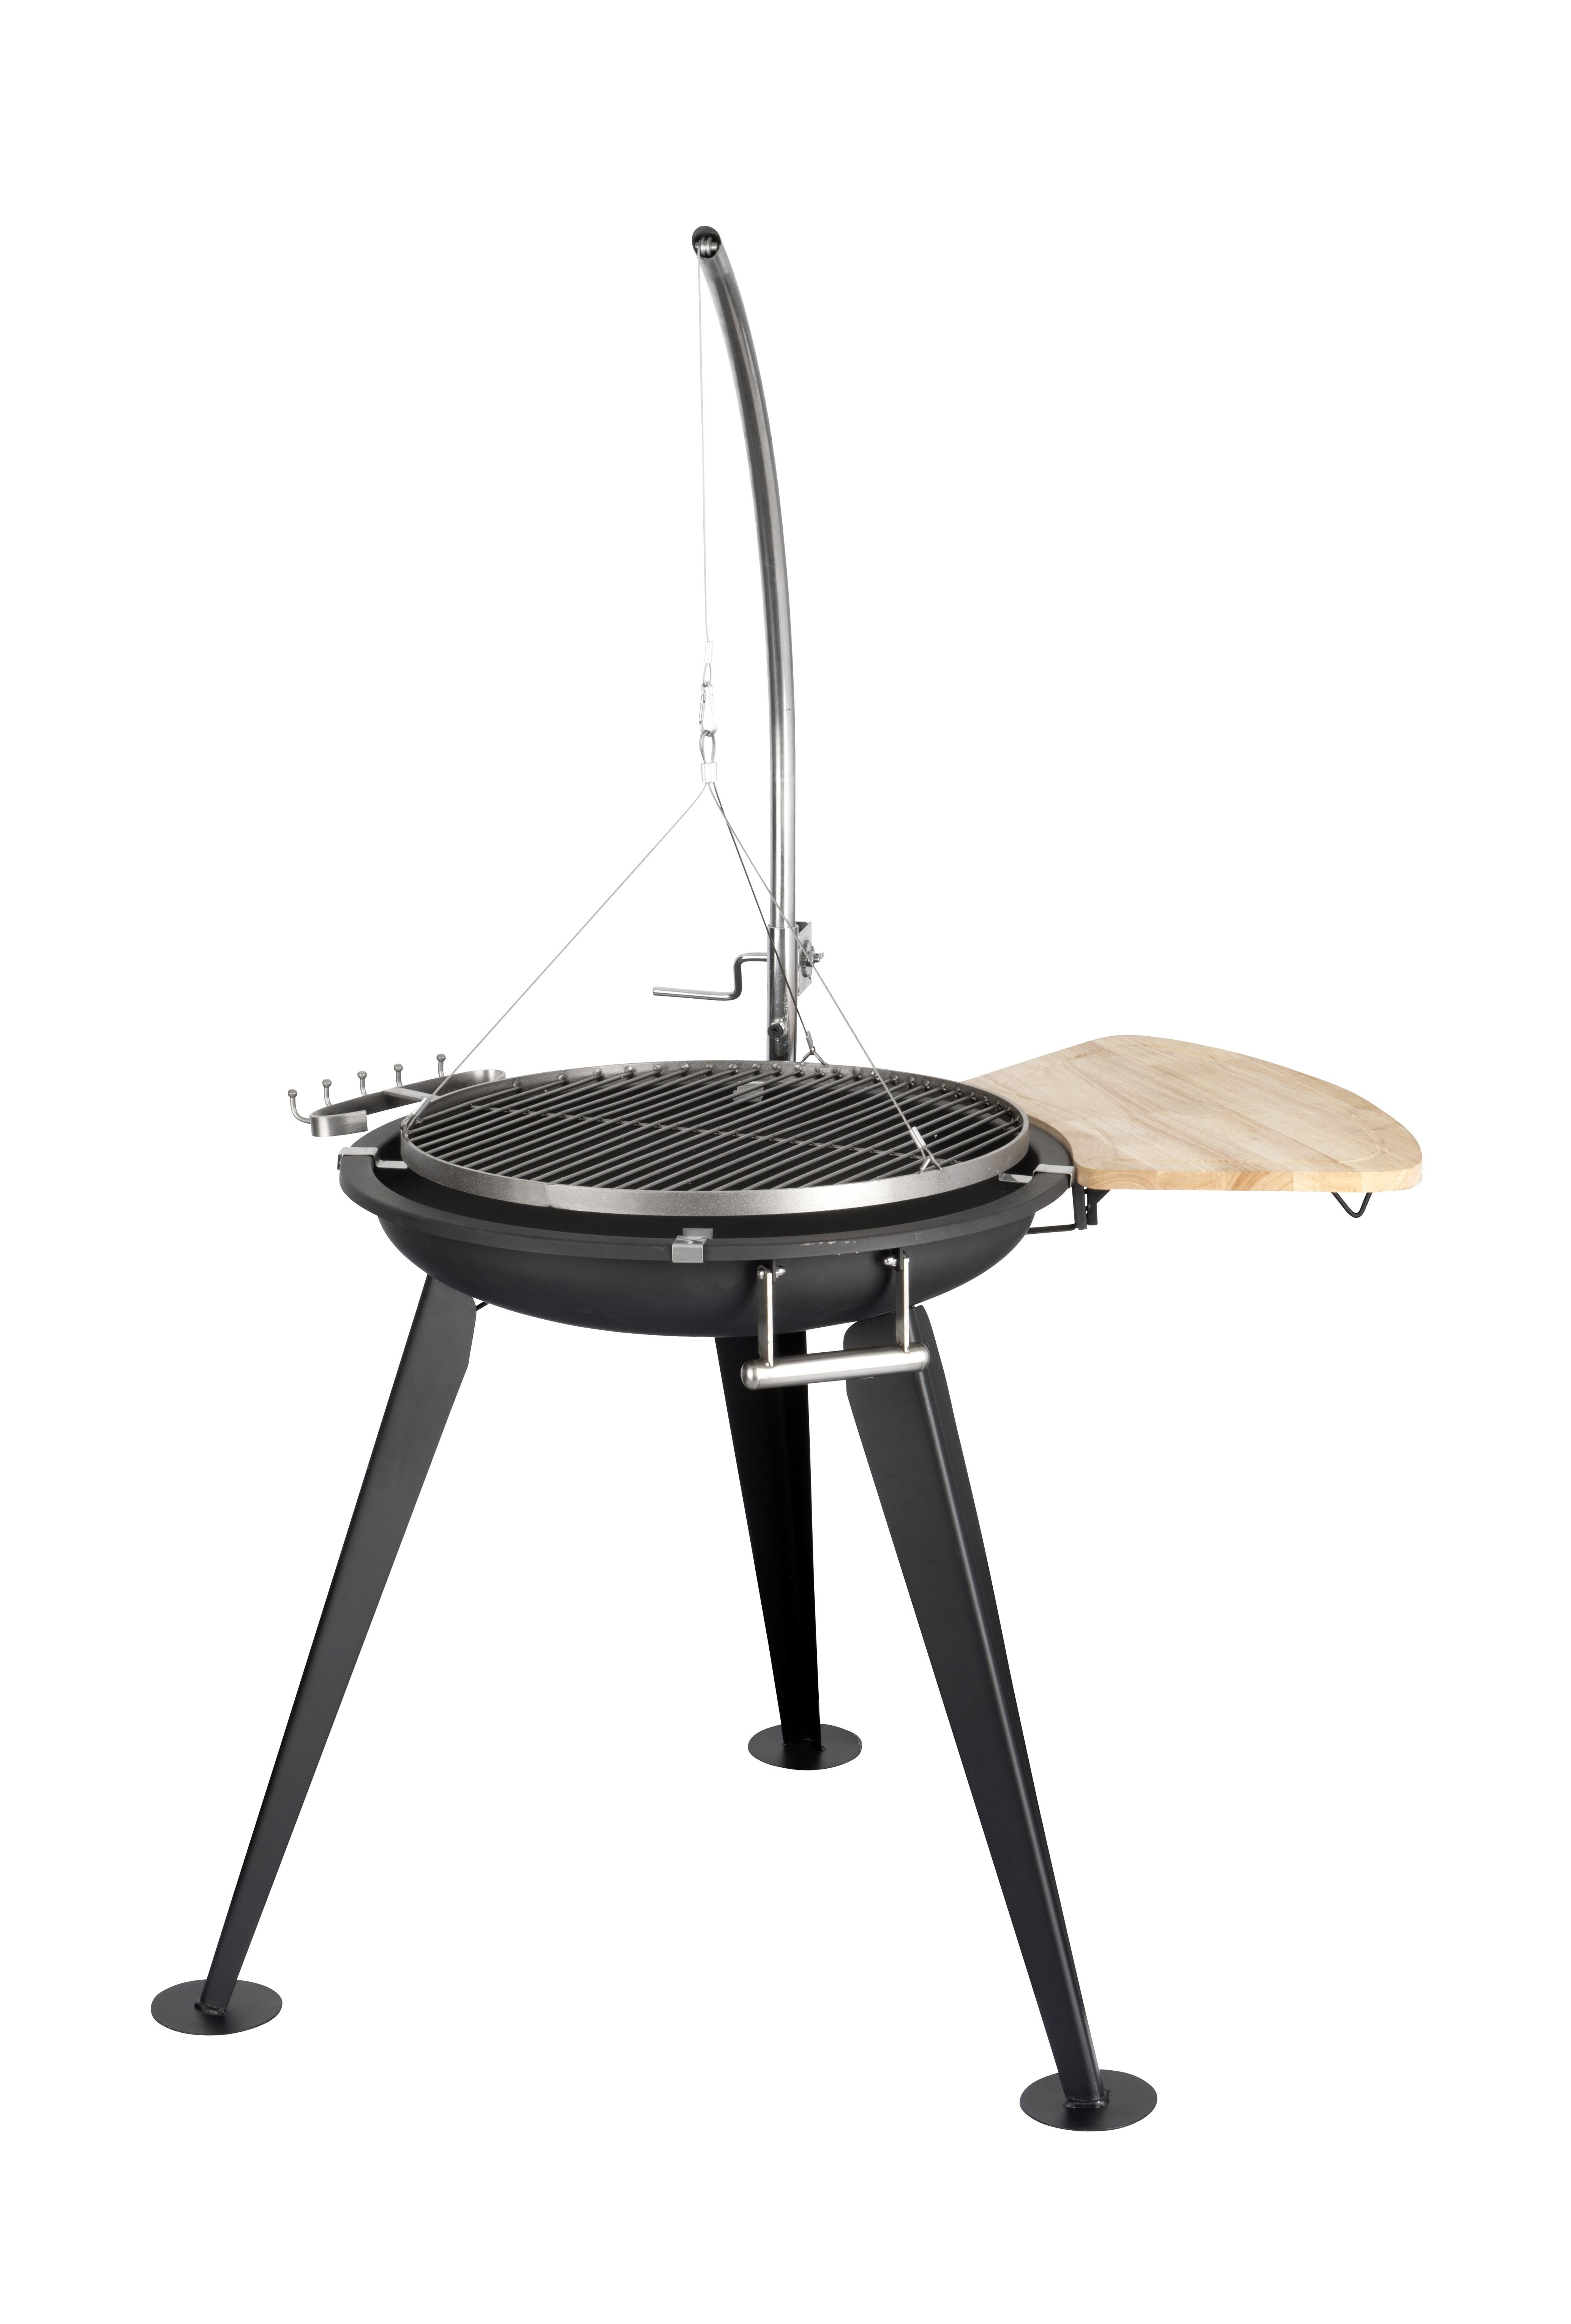 Edelstahl Design Holzkohle Schwenkgrill, 54cm Grillfläche